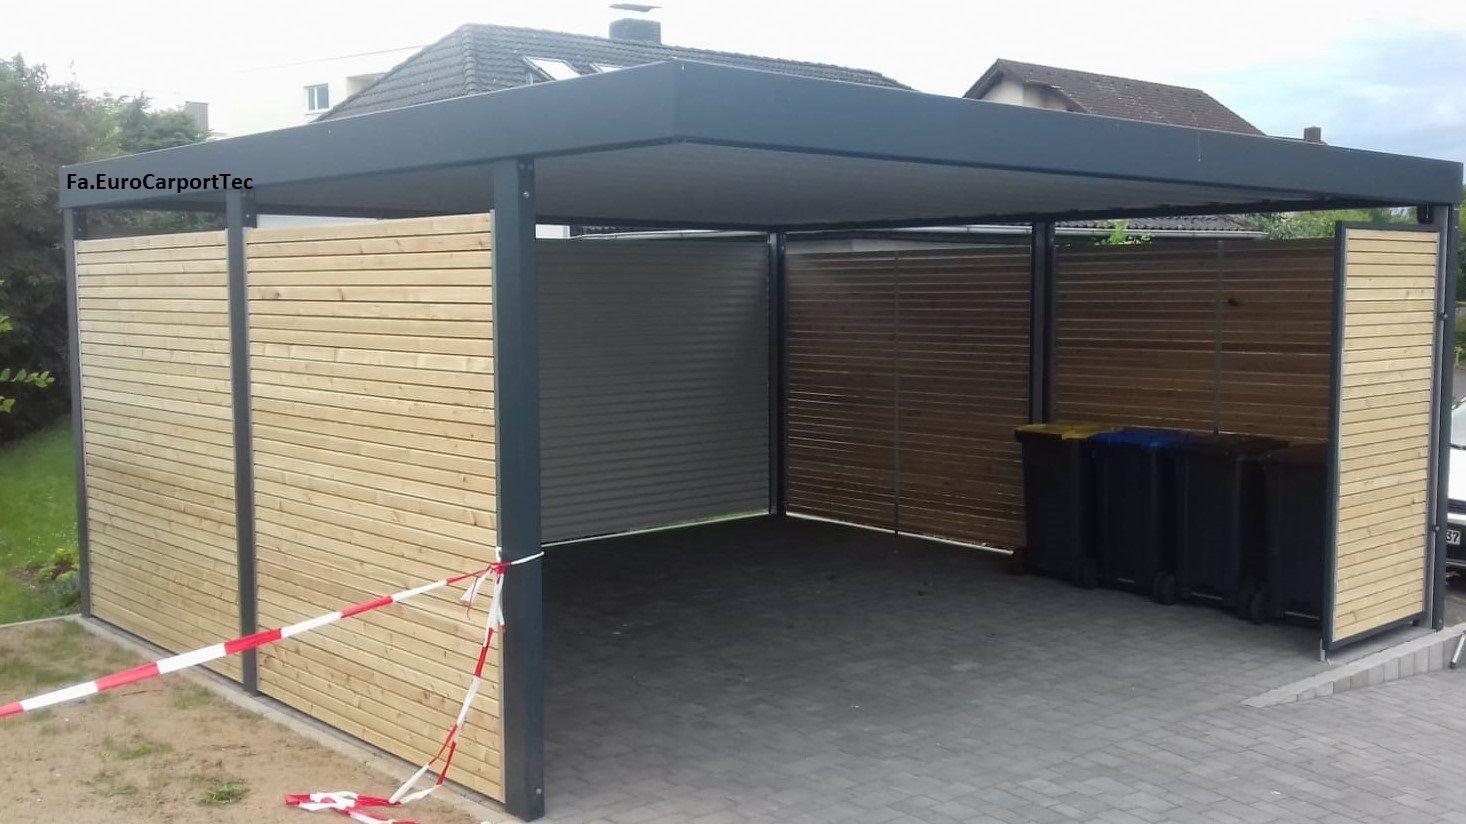 Pin Auf Ideen Rund Ums Haus Carport Metall Carport Stahl